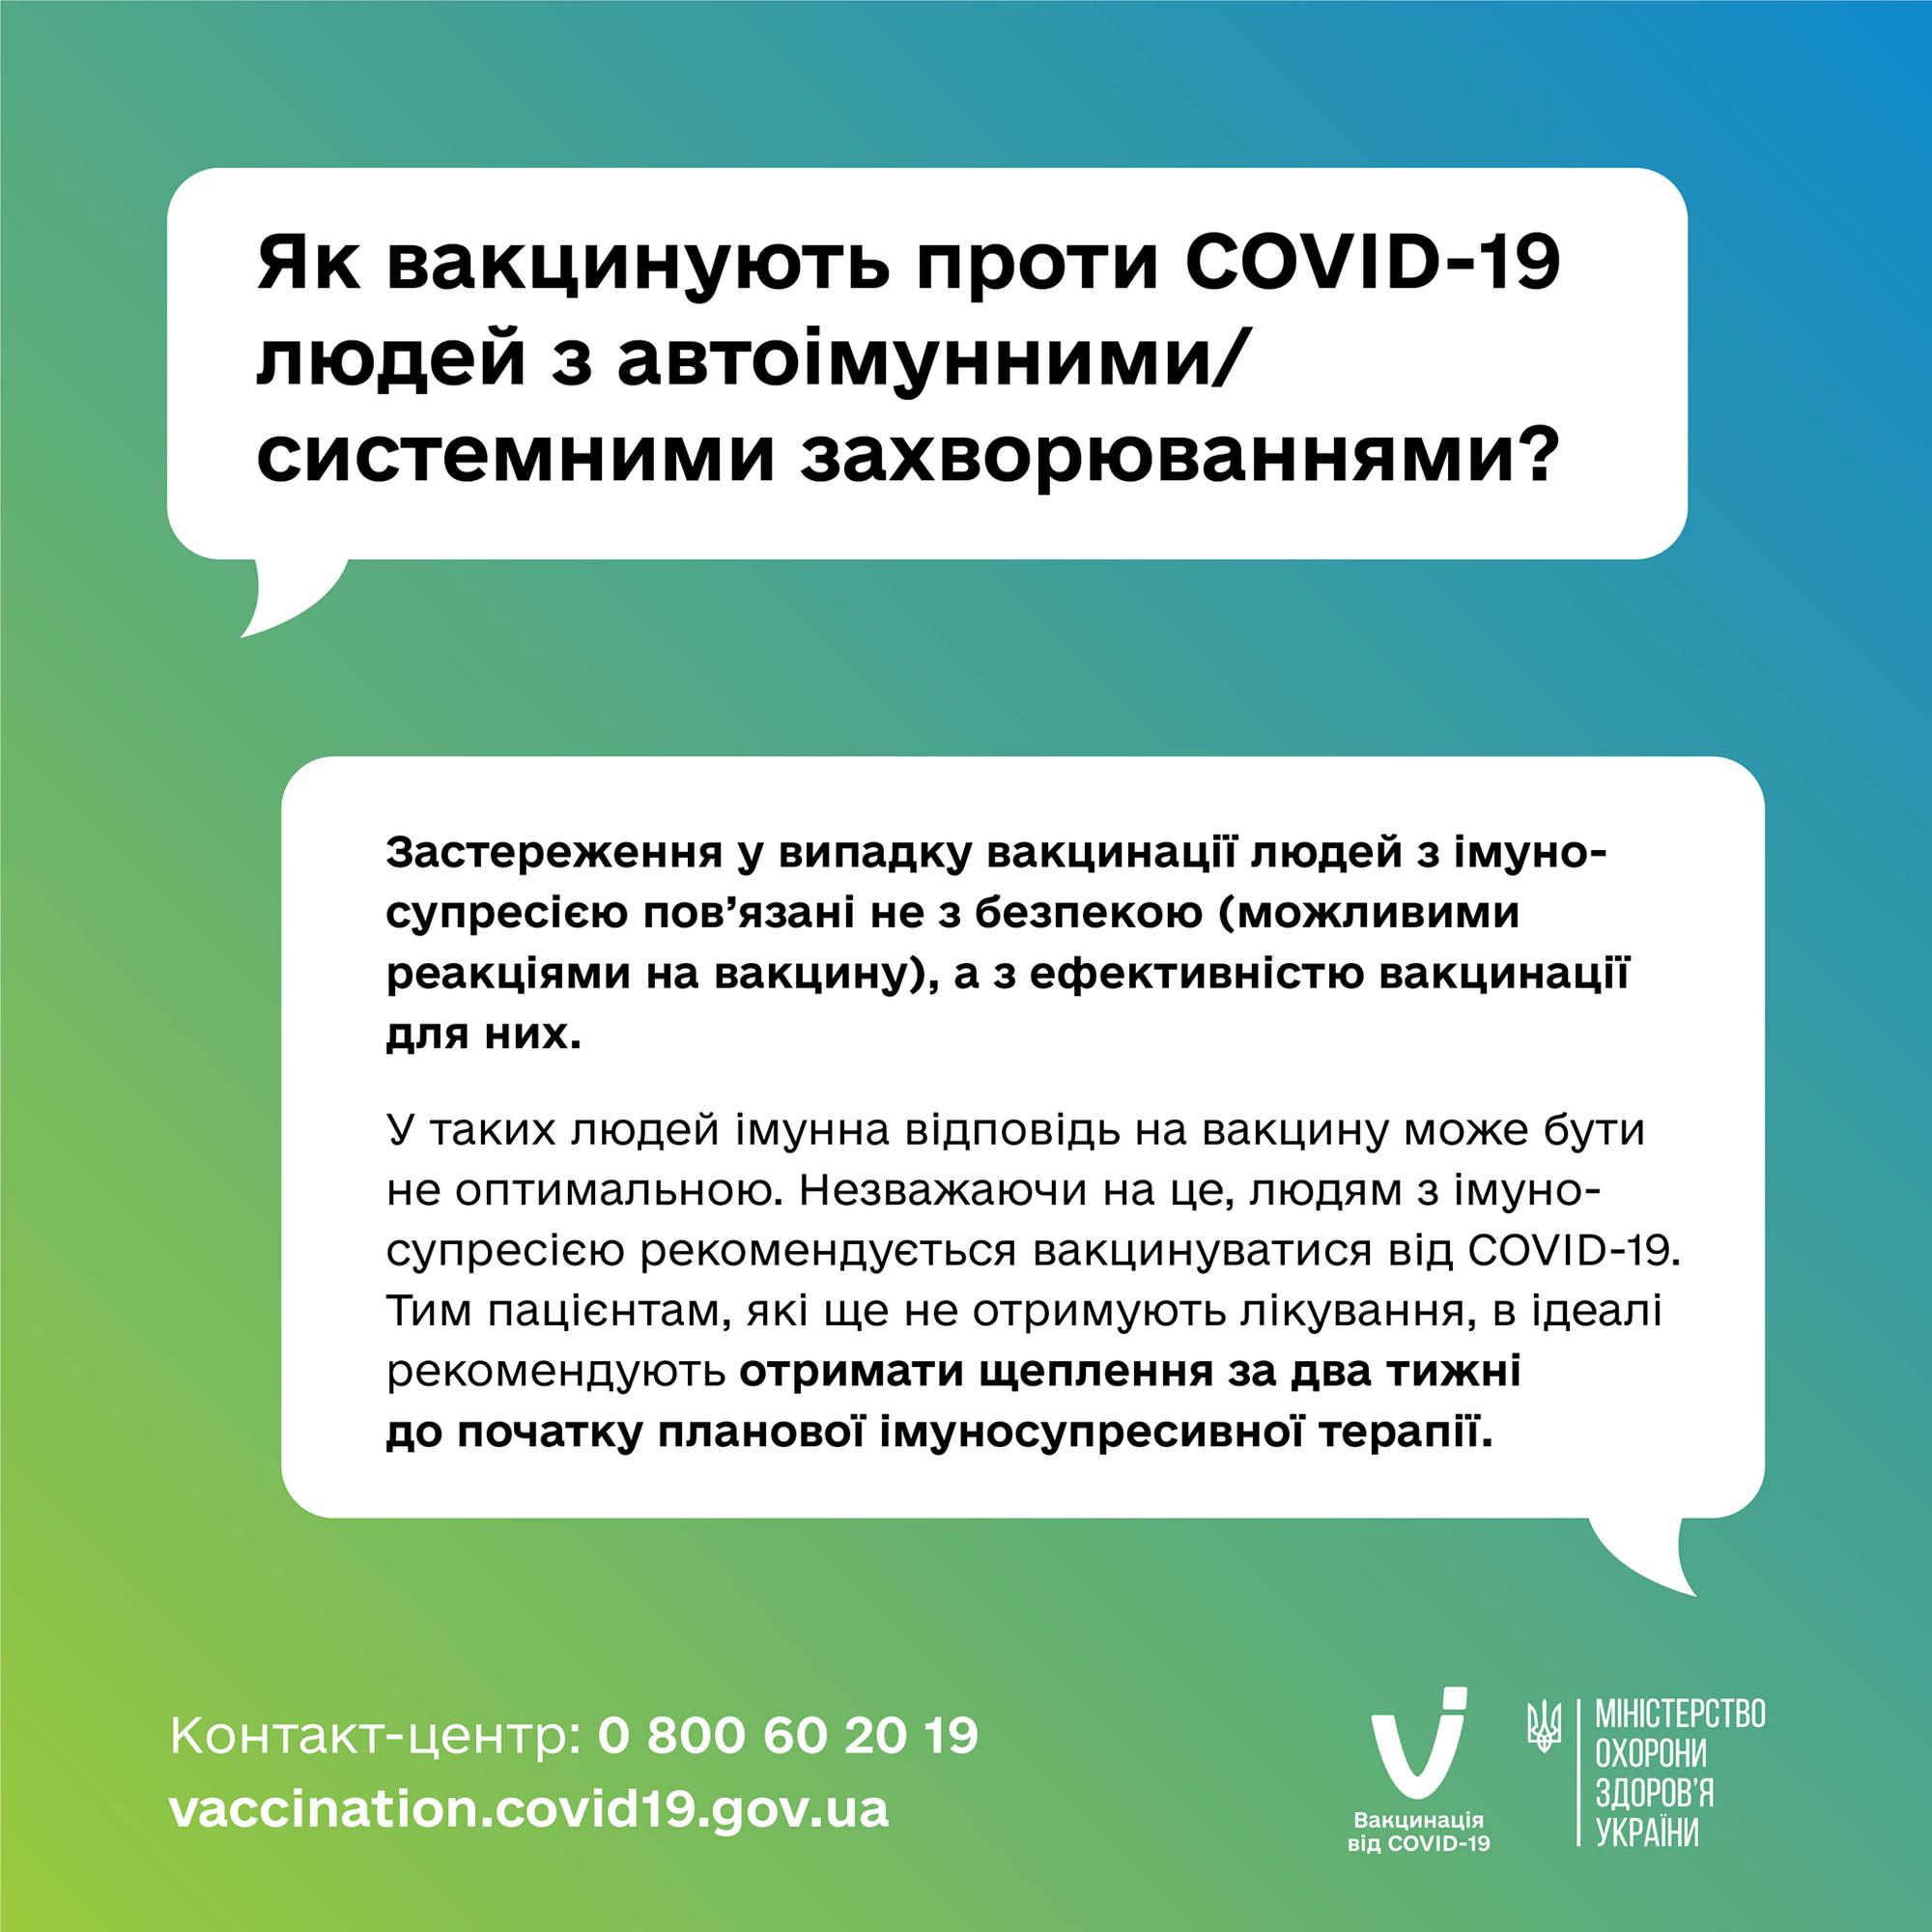 Как вакцинироваться от COVID-19 людям с хроническими болезнями: в Минздраве дали ответы